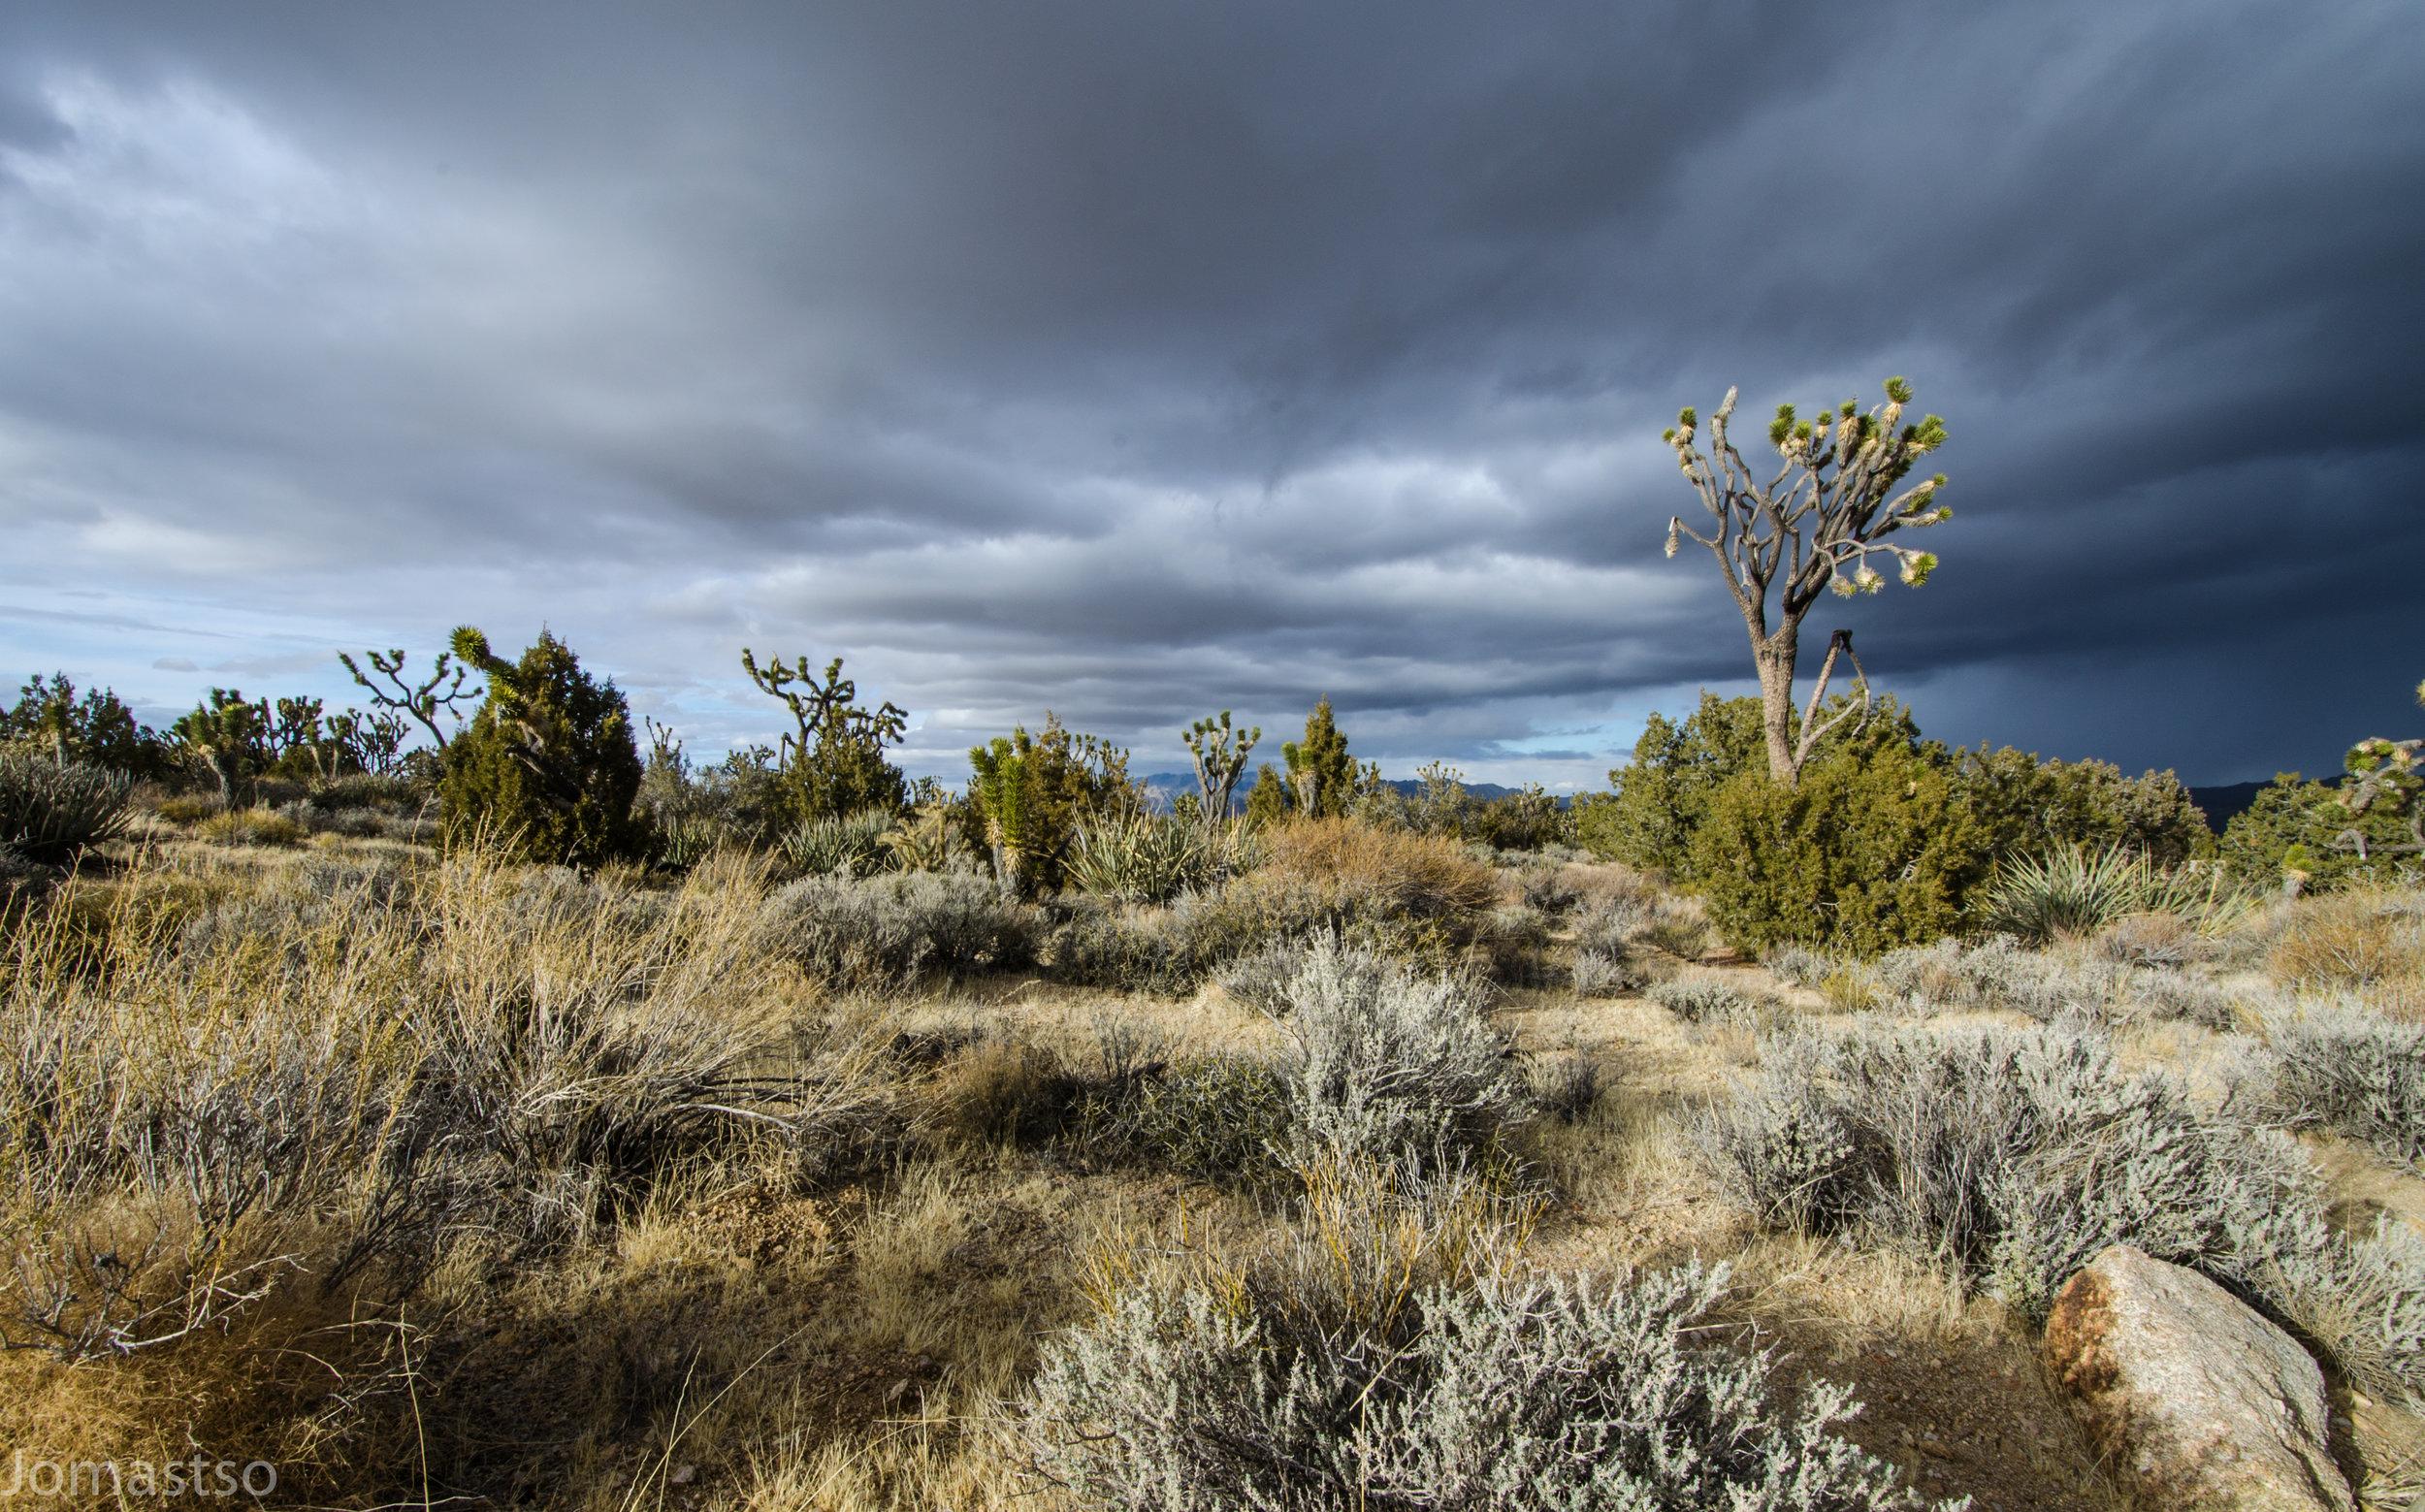 A Storm Approaches the Desert Wilderness